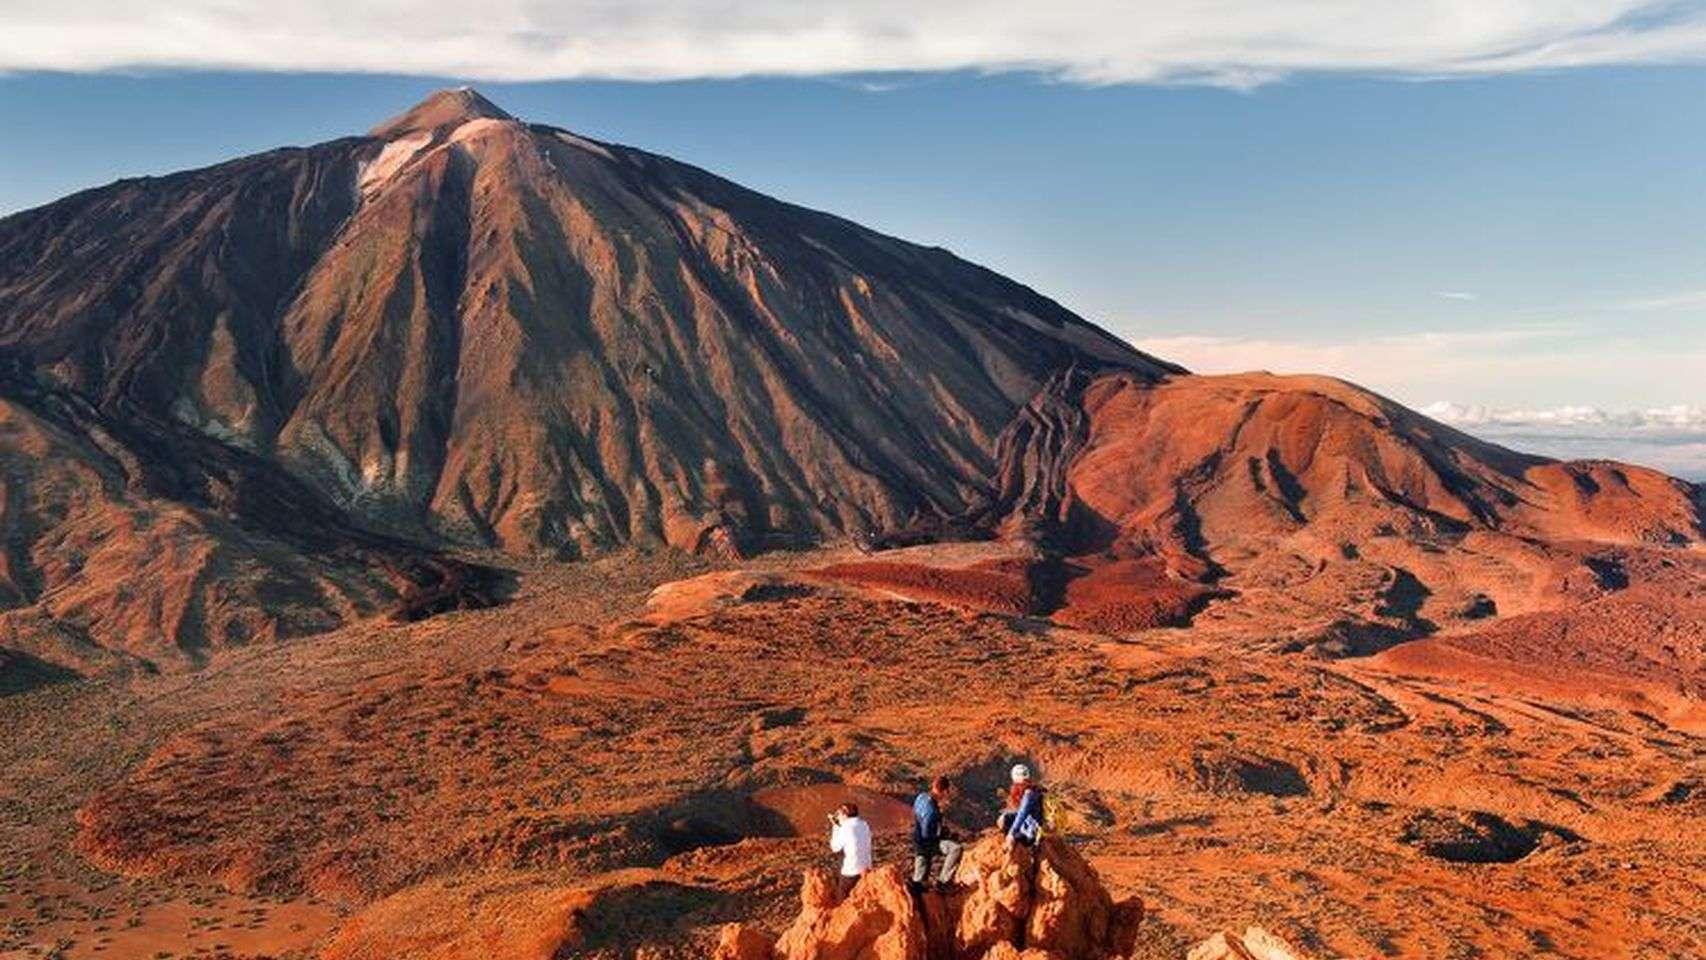 Vulcano El Teide